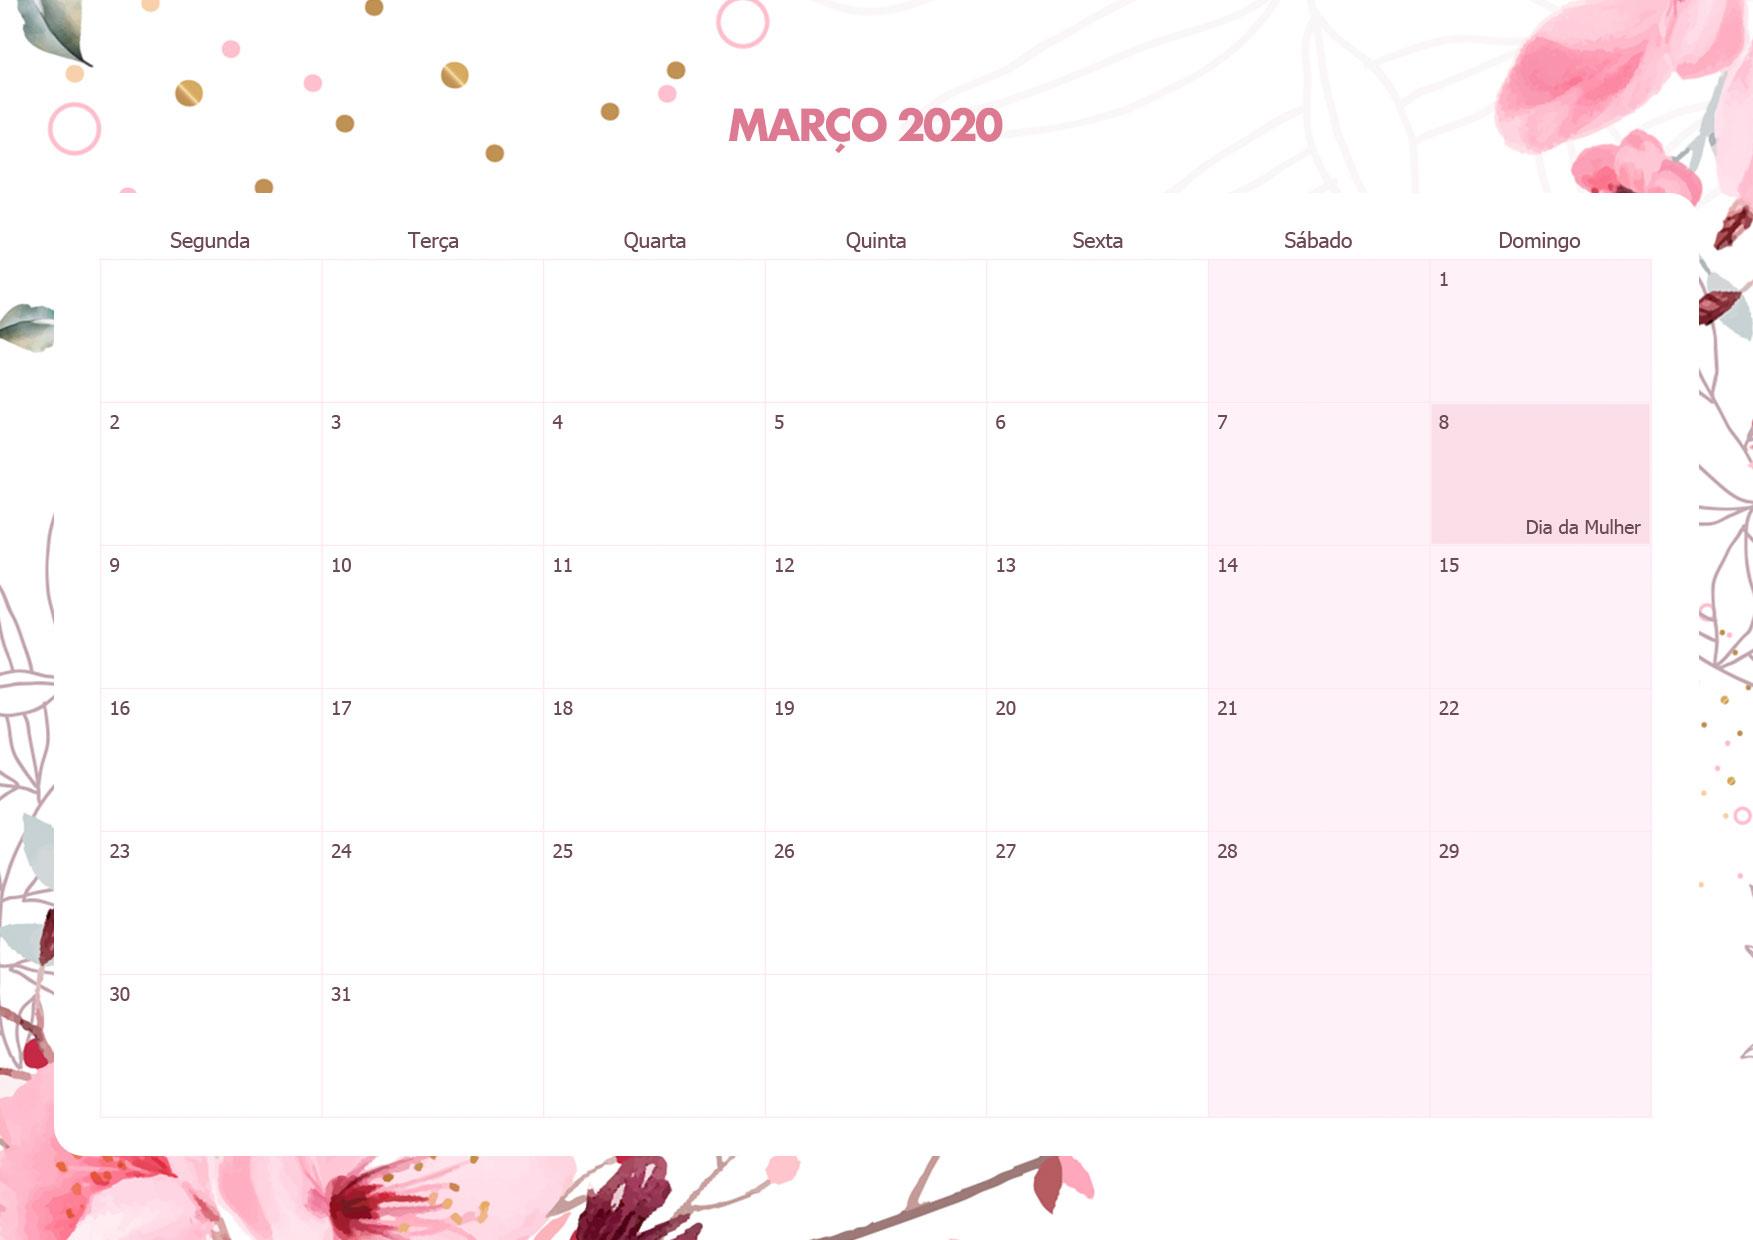 Calendario Mensal Floral Marco 2020